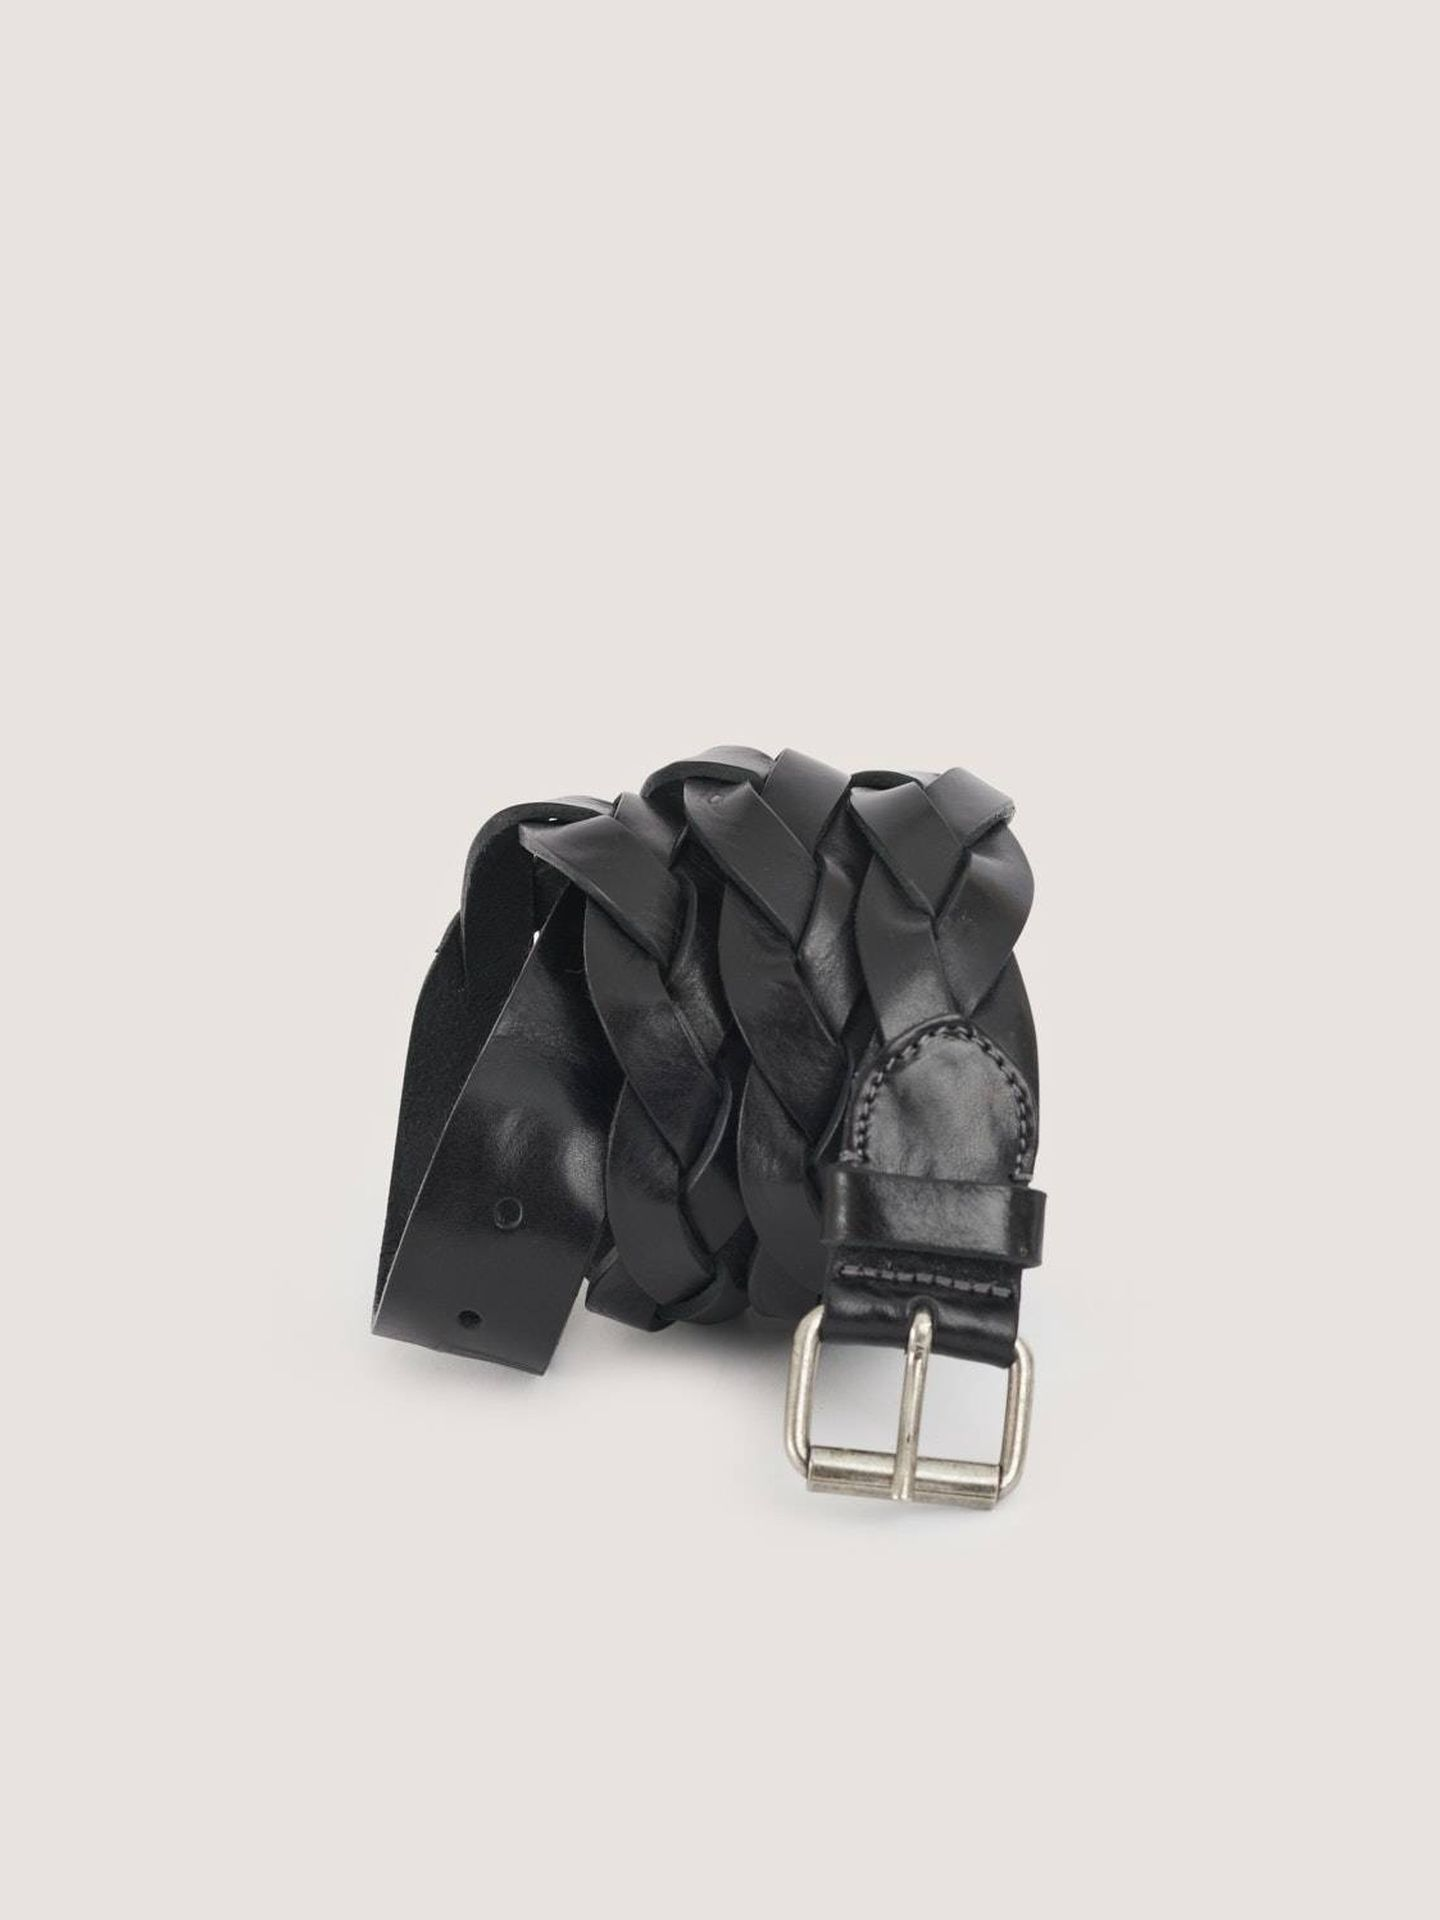 Cinturón de Malababa. (Cortesía)